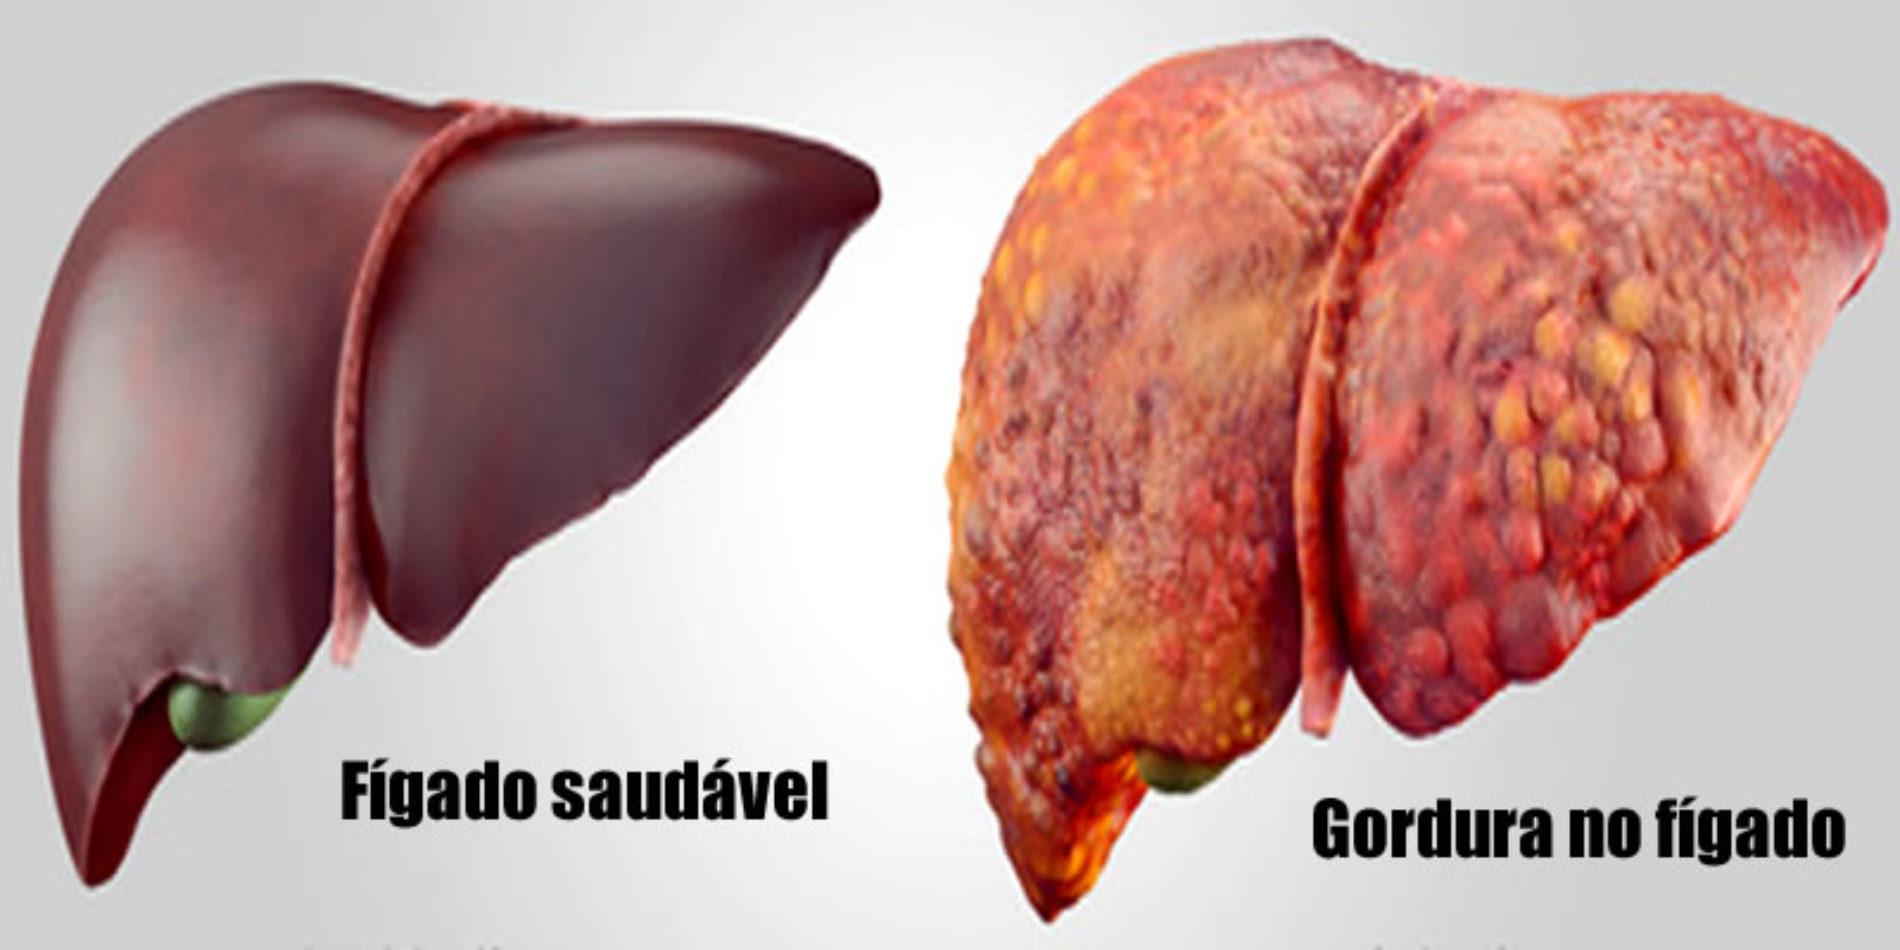 Gordura no fígado: Dieta, melhores alimentos e dicas